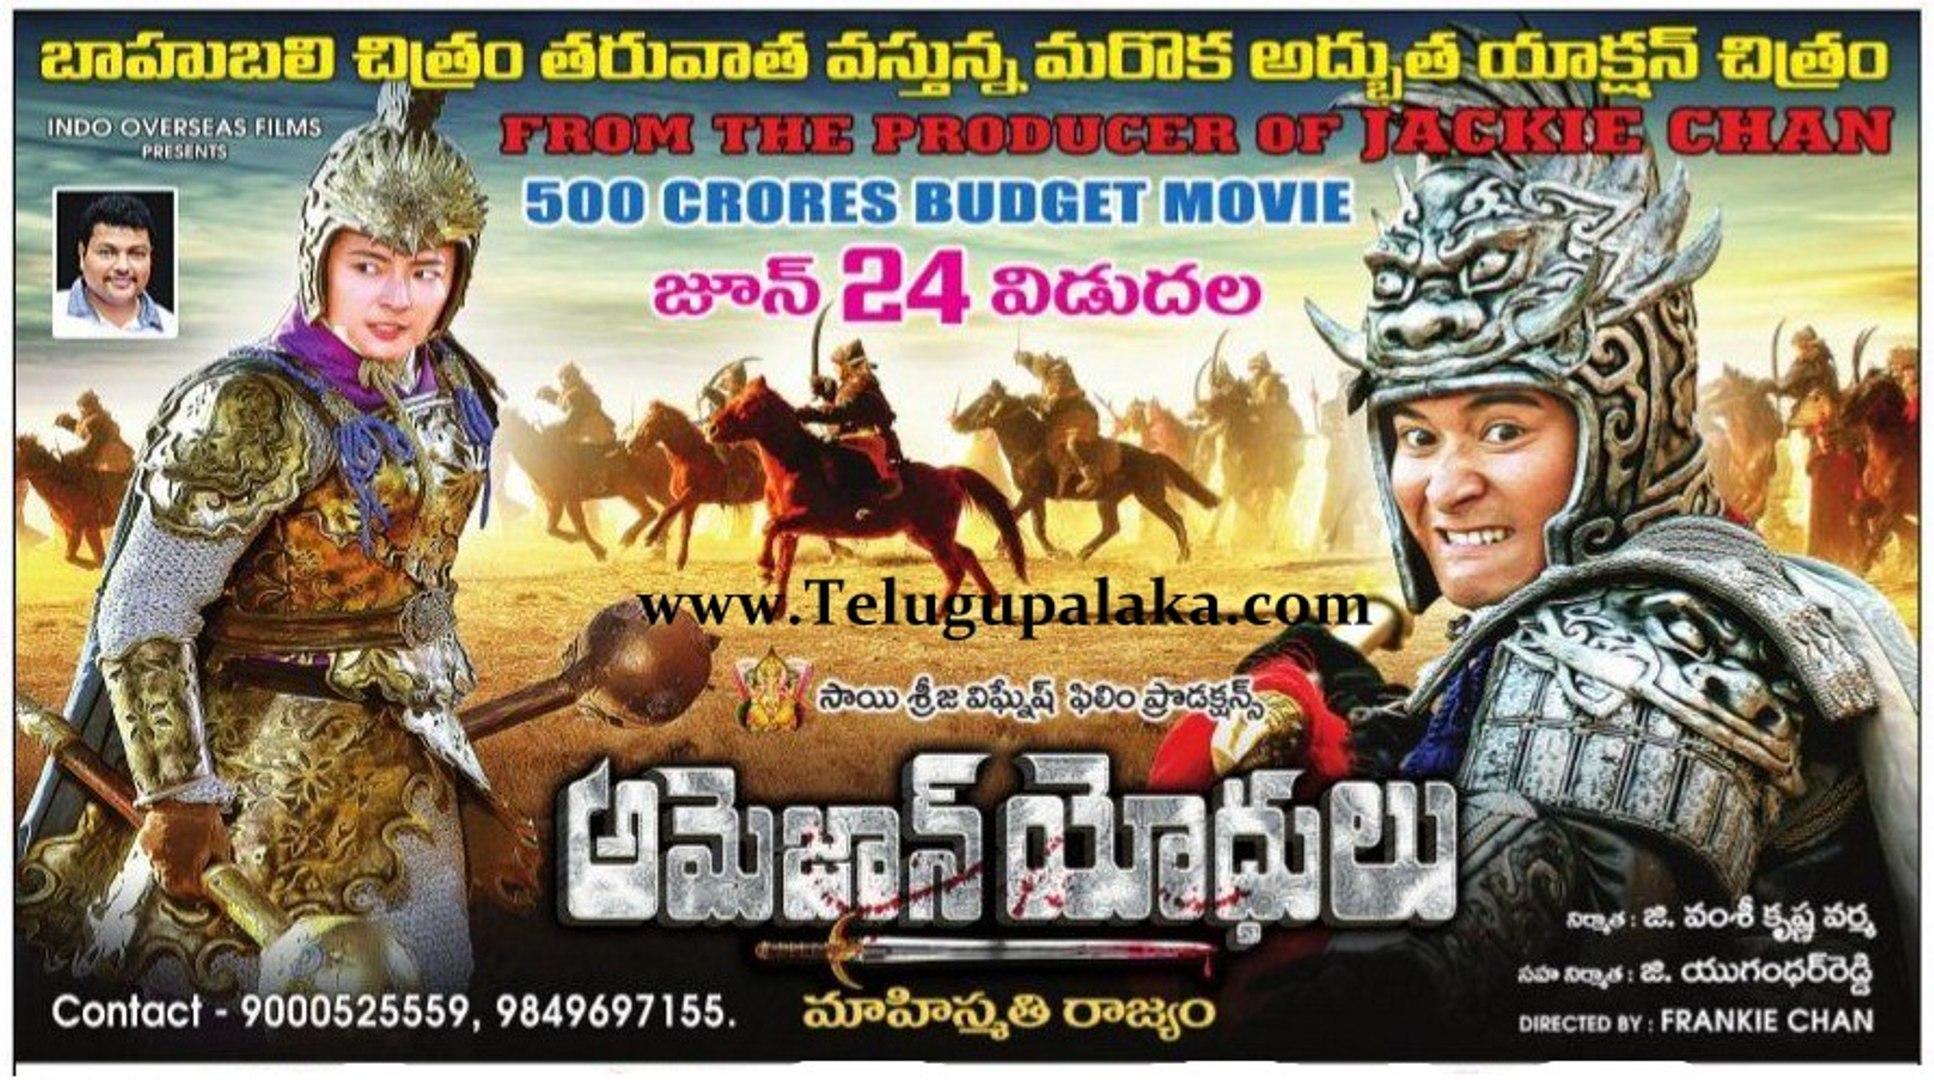 Legendary Amazons (2011) Amazon Yodhulu 2016 Telugu Dubbed Movie Trailer